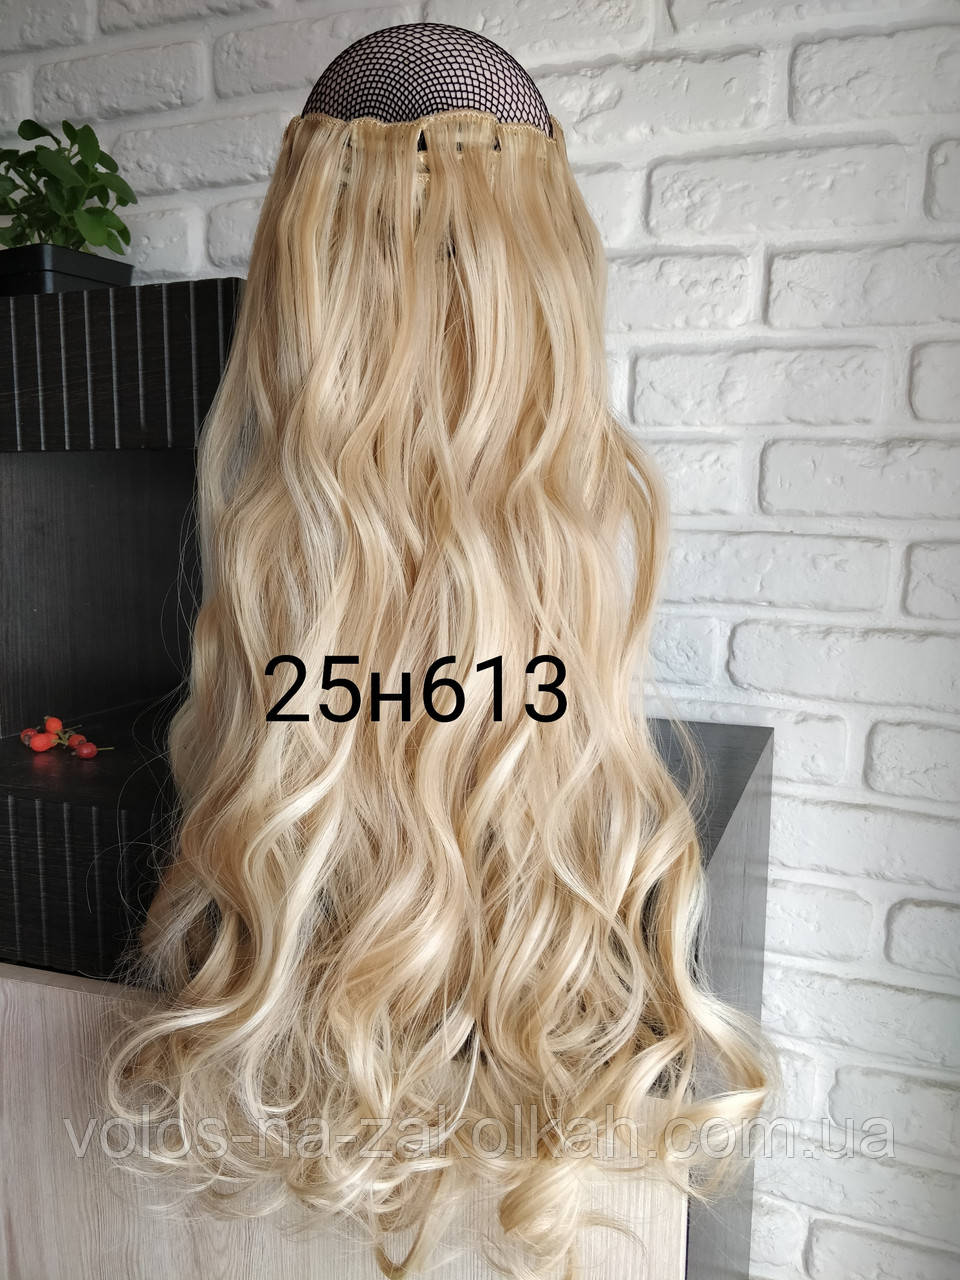 Волосы на заколках волнистые кудрявые мелировка